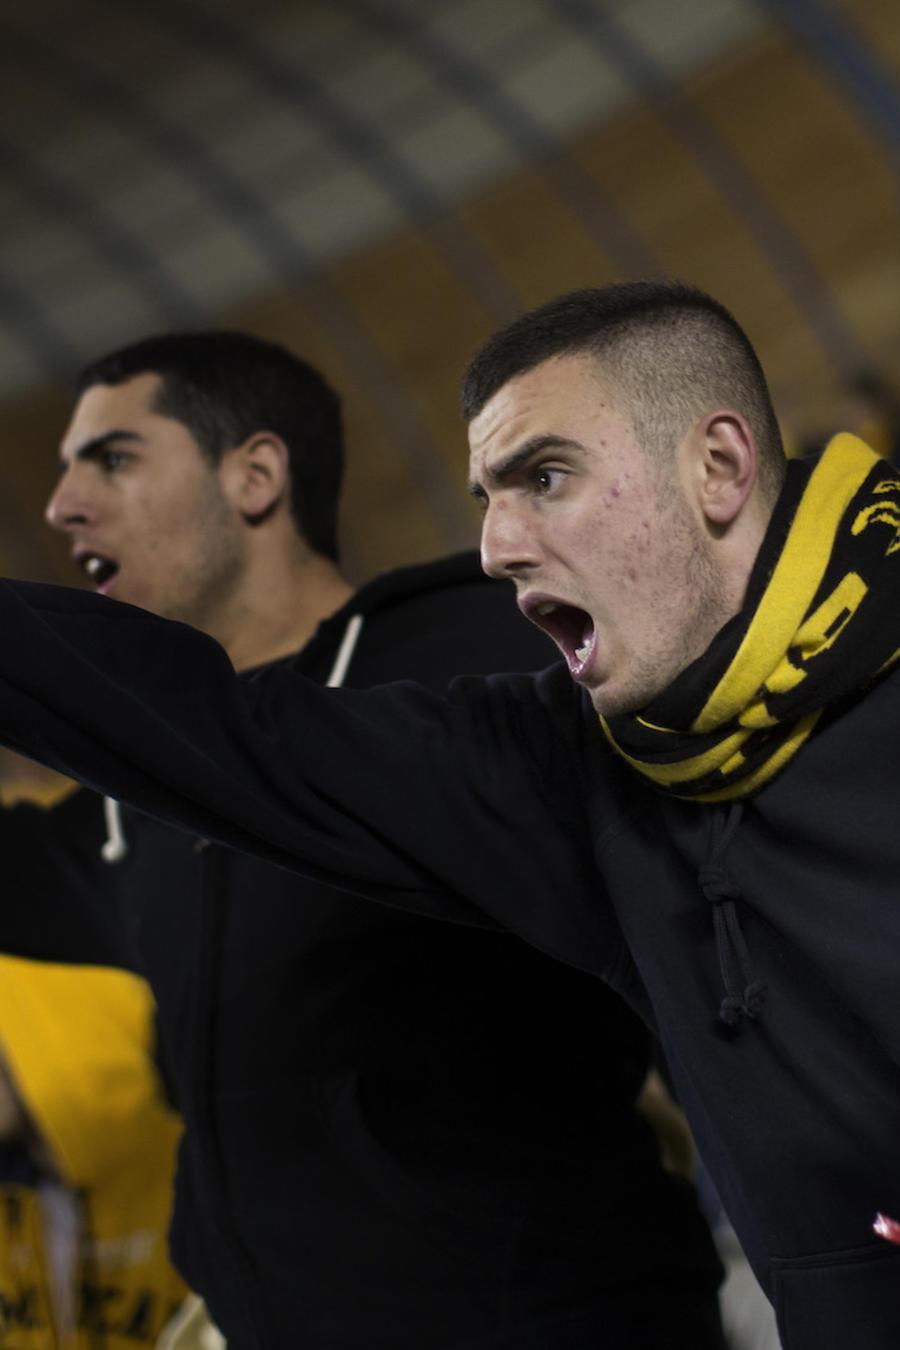 Aficionados del Beitar Jerusalén en el estadio, en Jerusalén, el 10 de febrero de 2013.